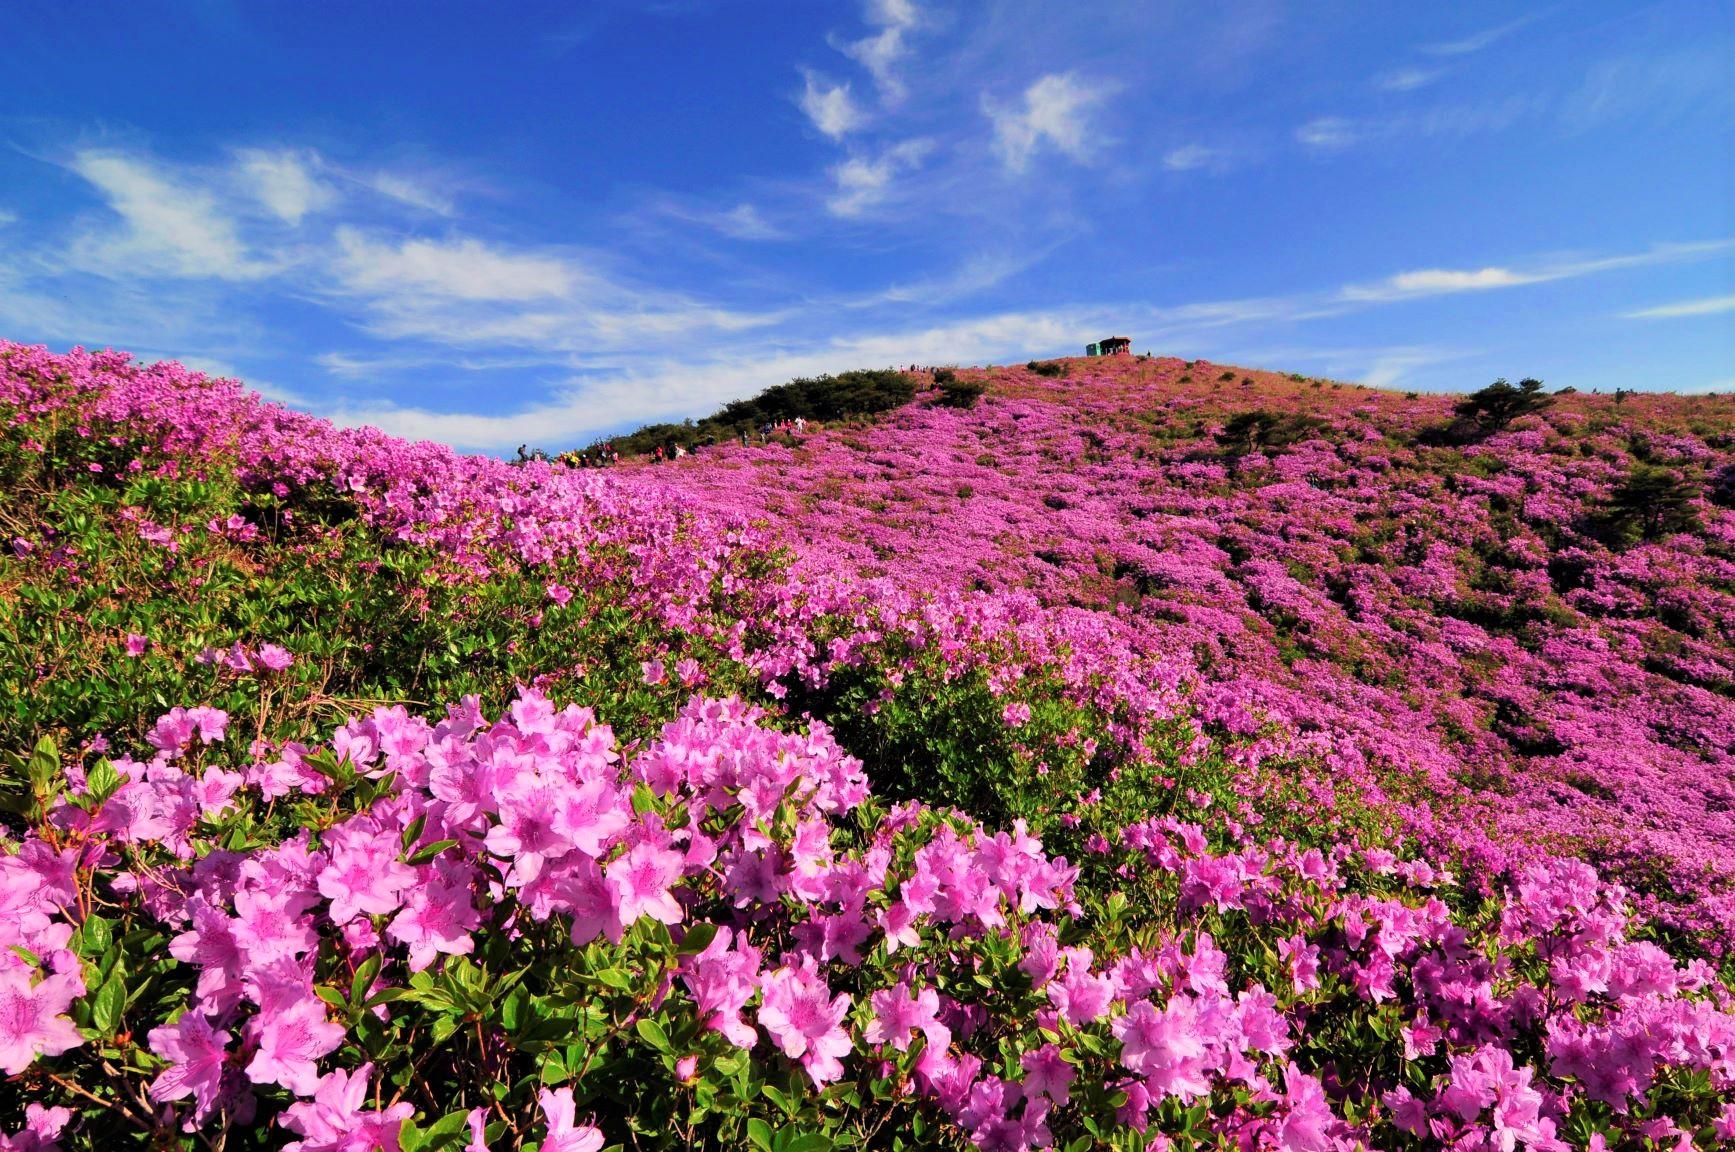 韓国2座登頂智異山とツツジ咲く黄梅山 5日間